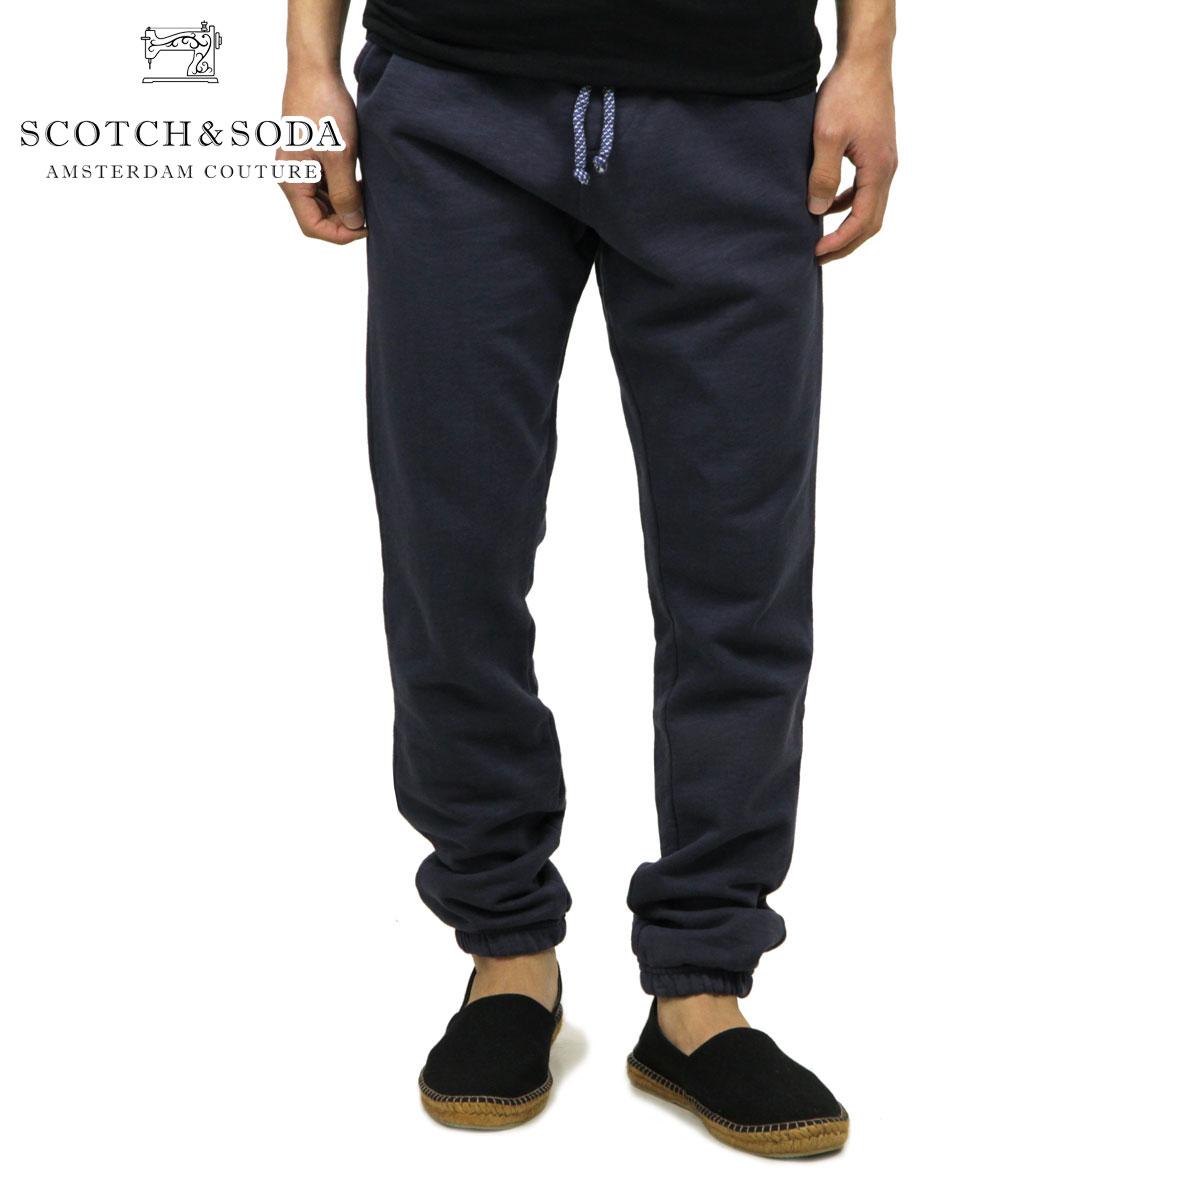 スコッチアンドソーダ SCOTCH&SODA 正規販売店 メンズ スウェットパンツ Sunday morning sweat pant 83202 58 D15S25